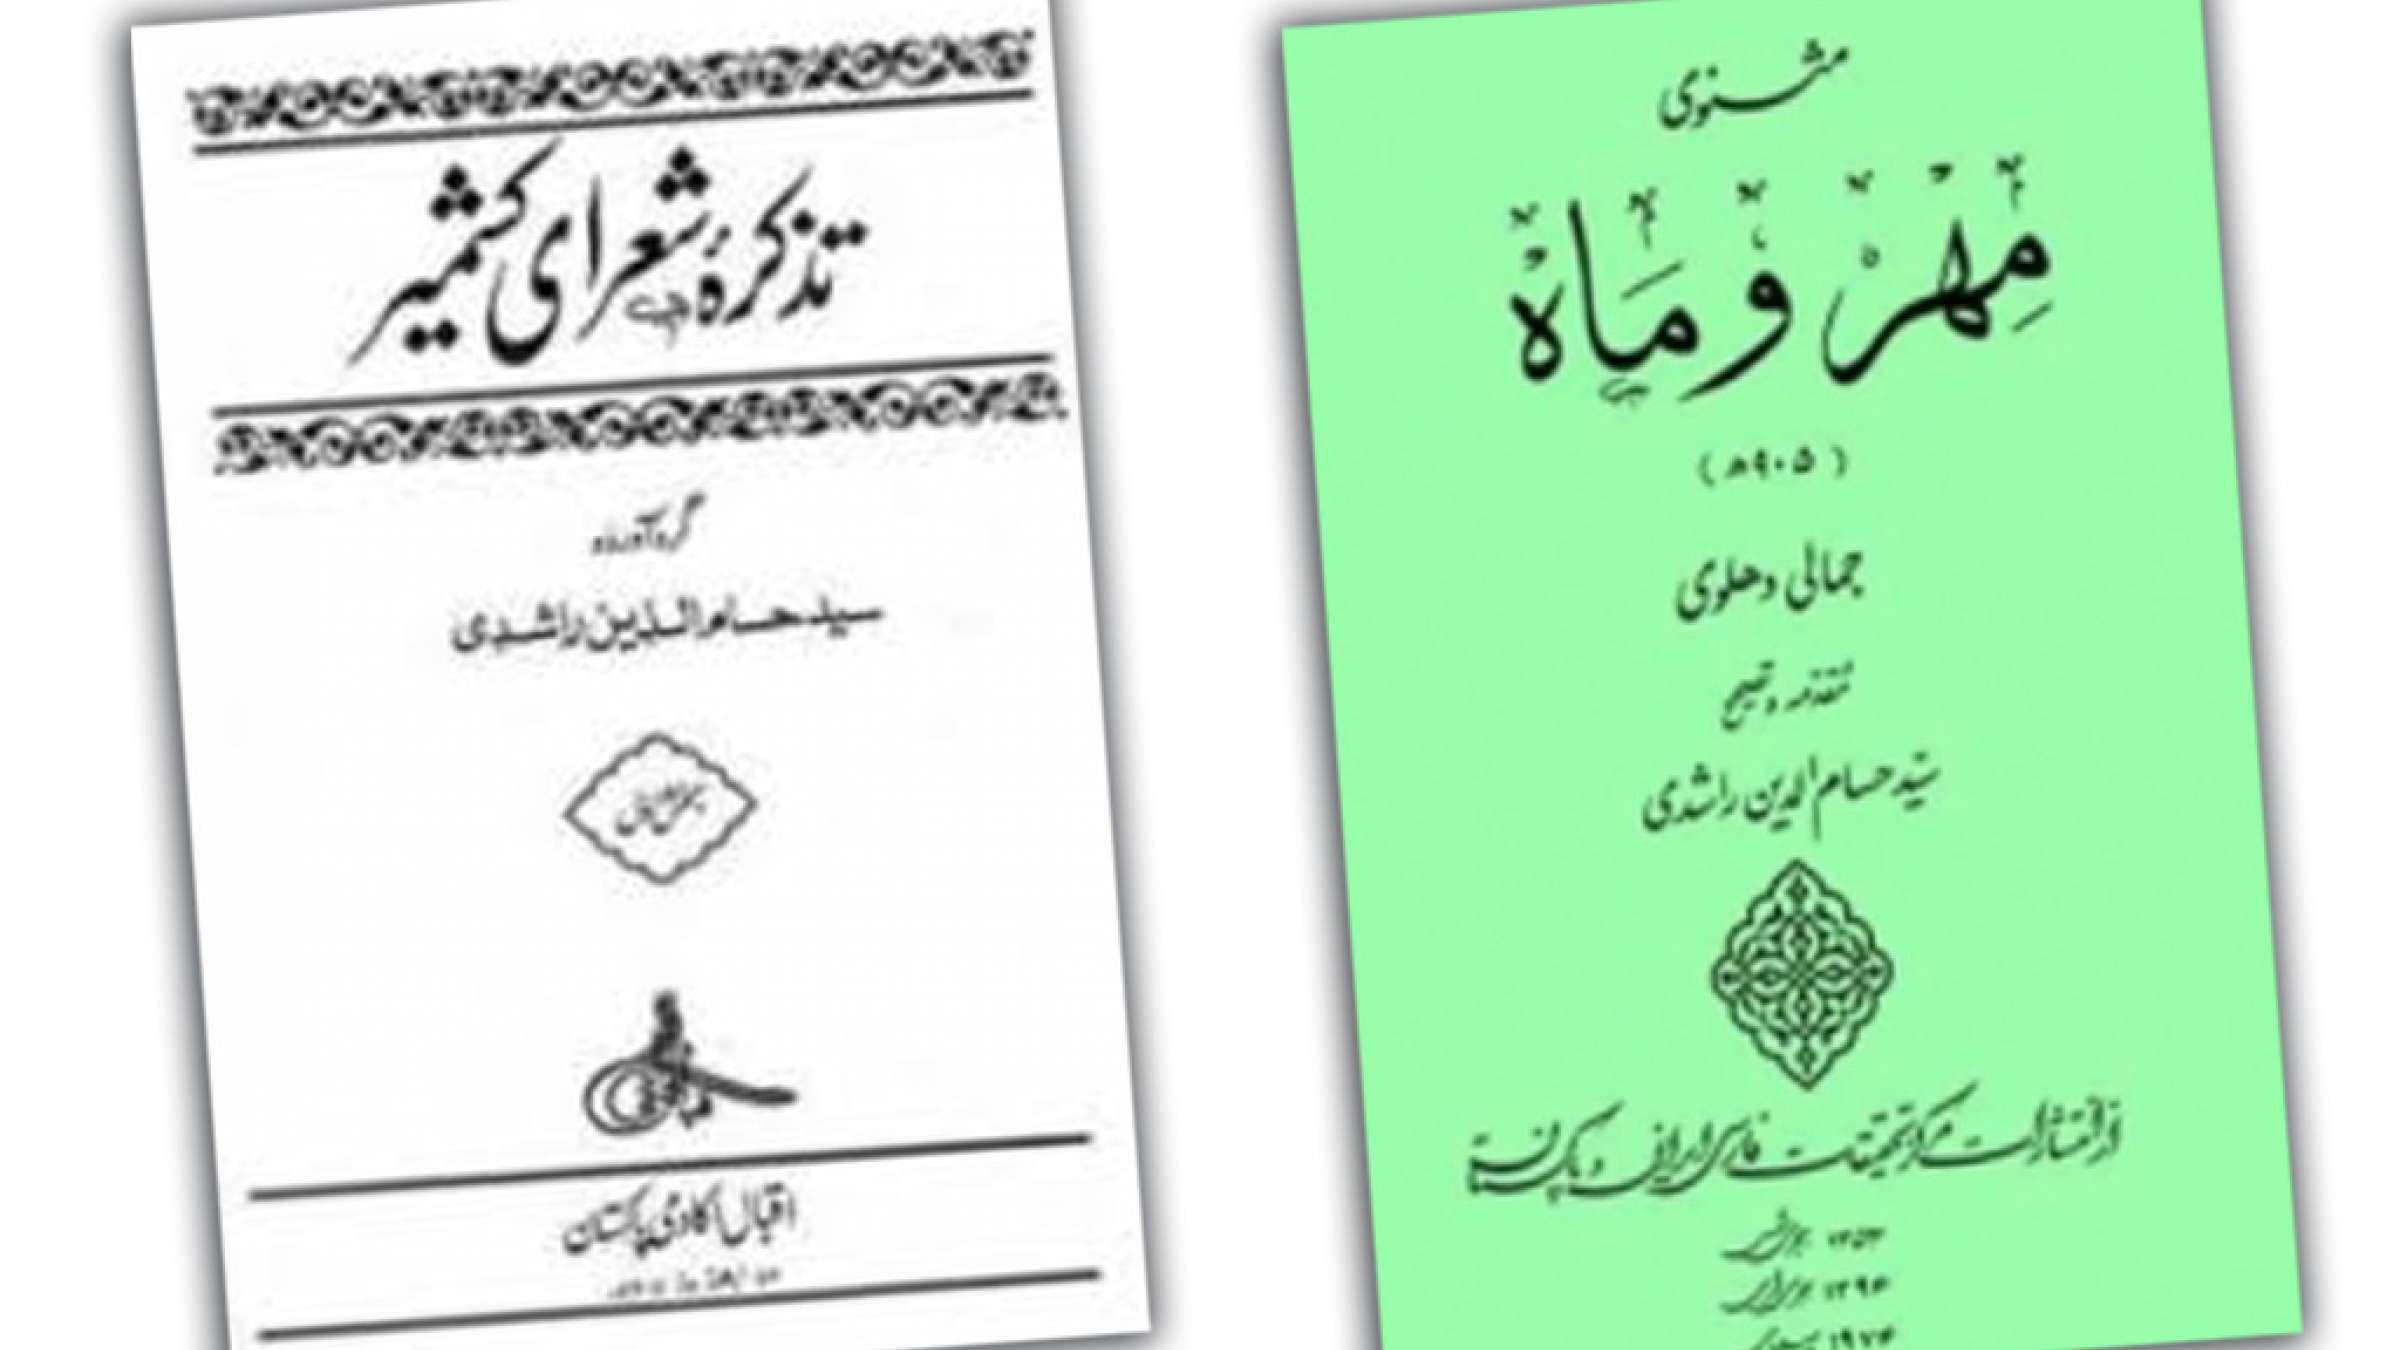 اختری-تاریخ-راستور-گویووا-و-حسامالدین-راشدی